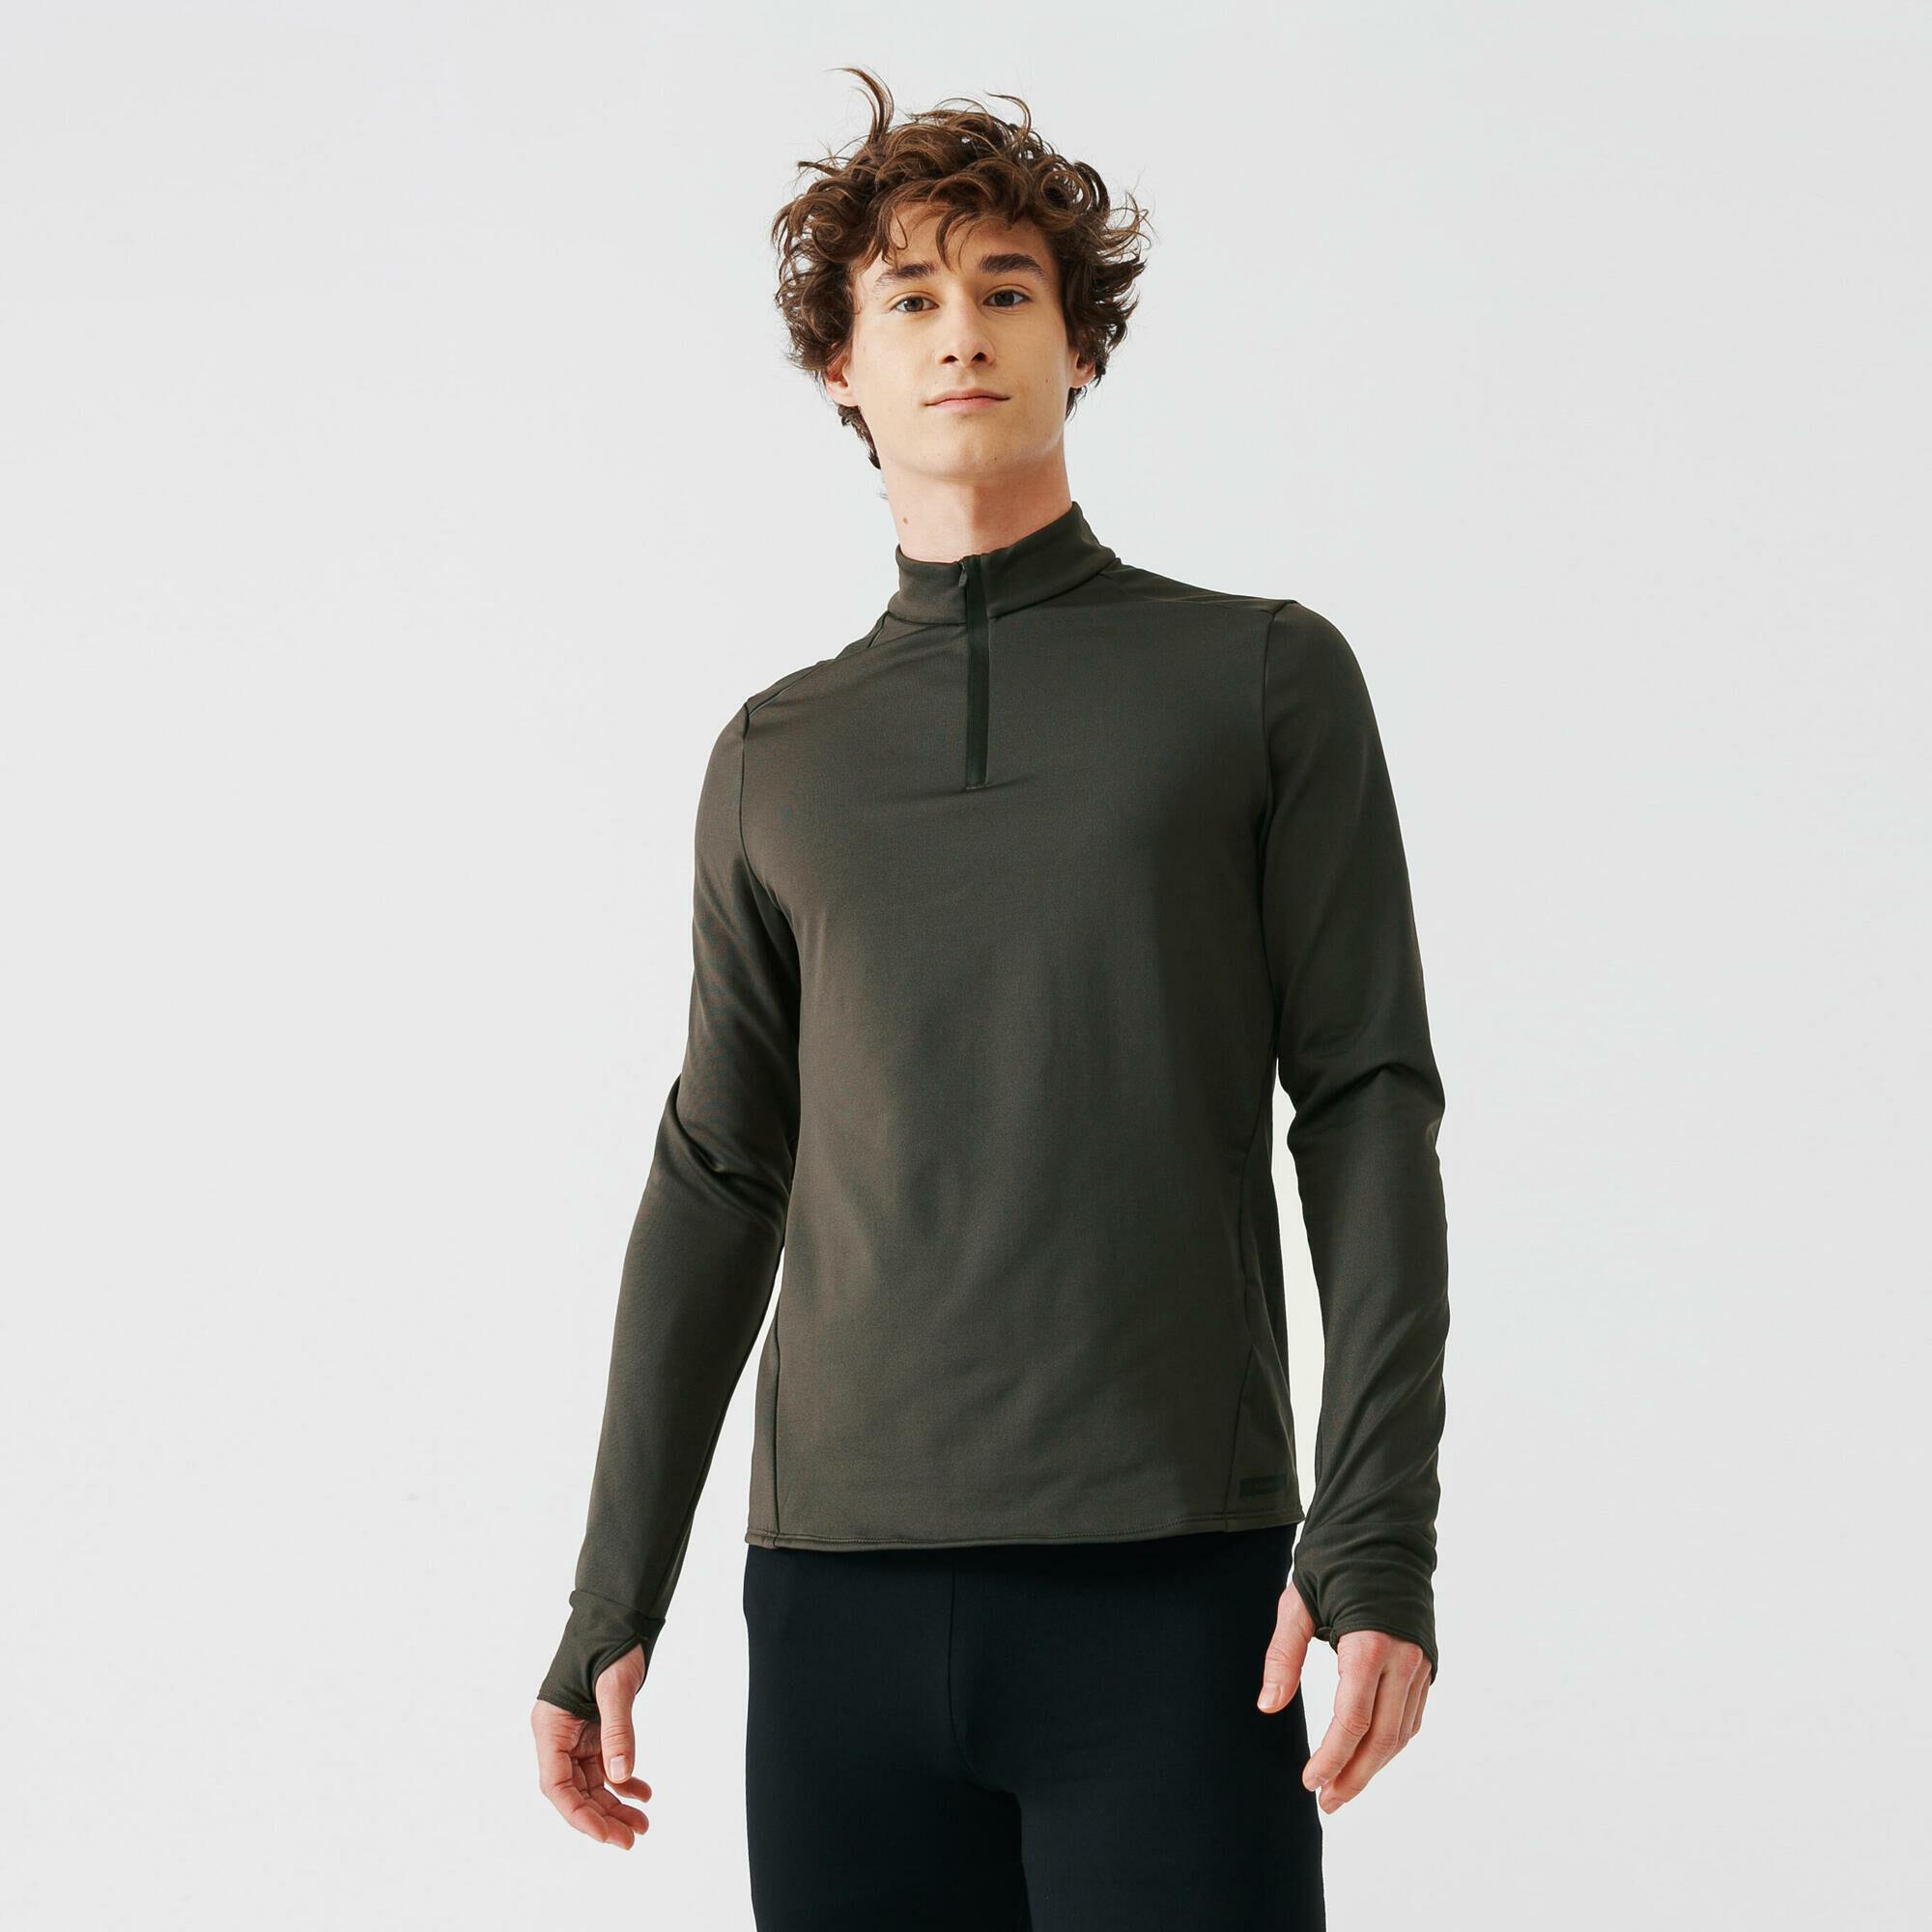 Bluza do biegania męska Kalenji Run Warm ocieplana